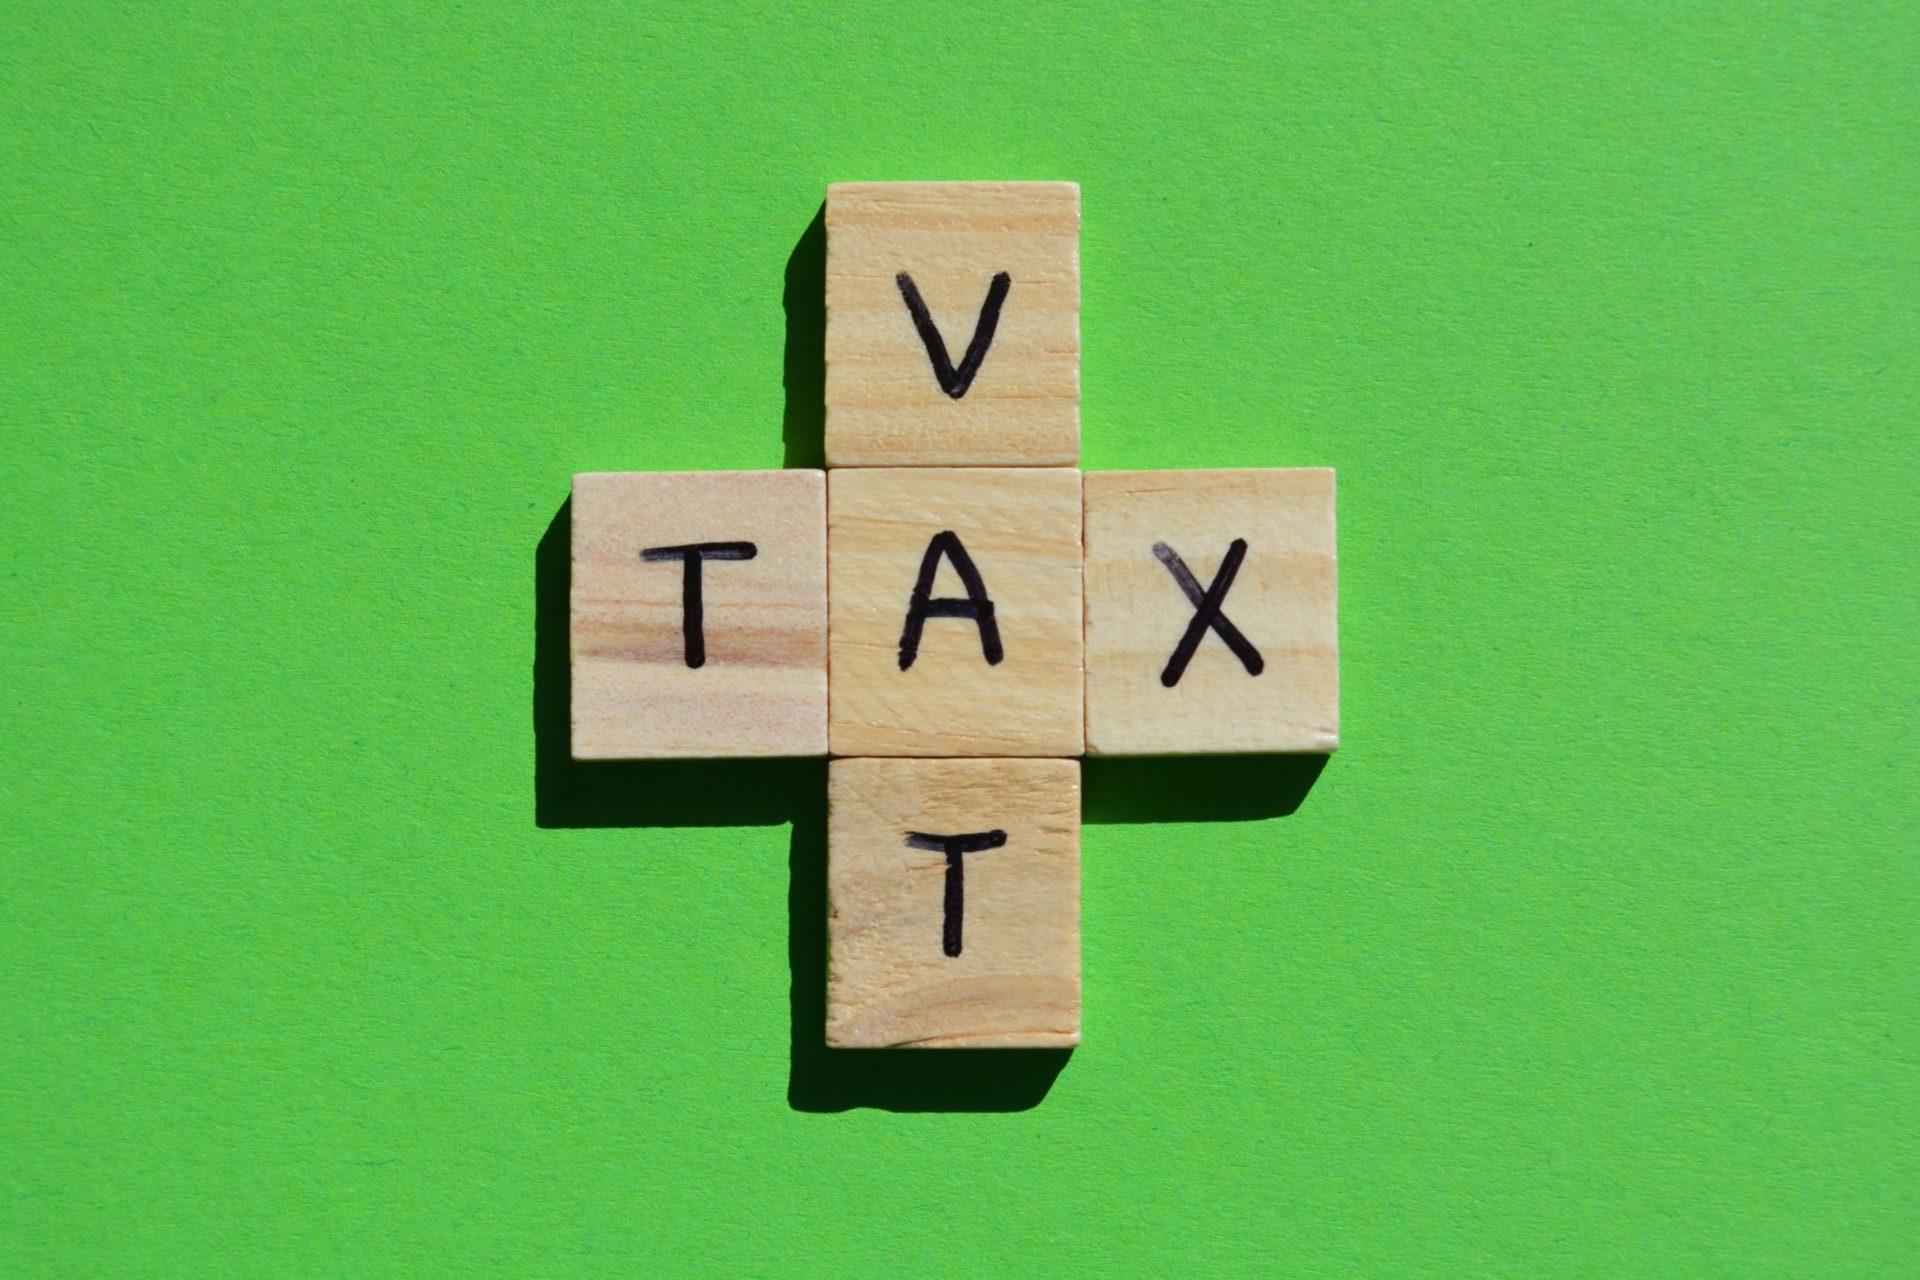 tax-vat-words-as-crossword